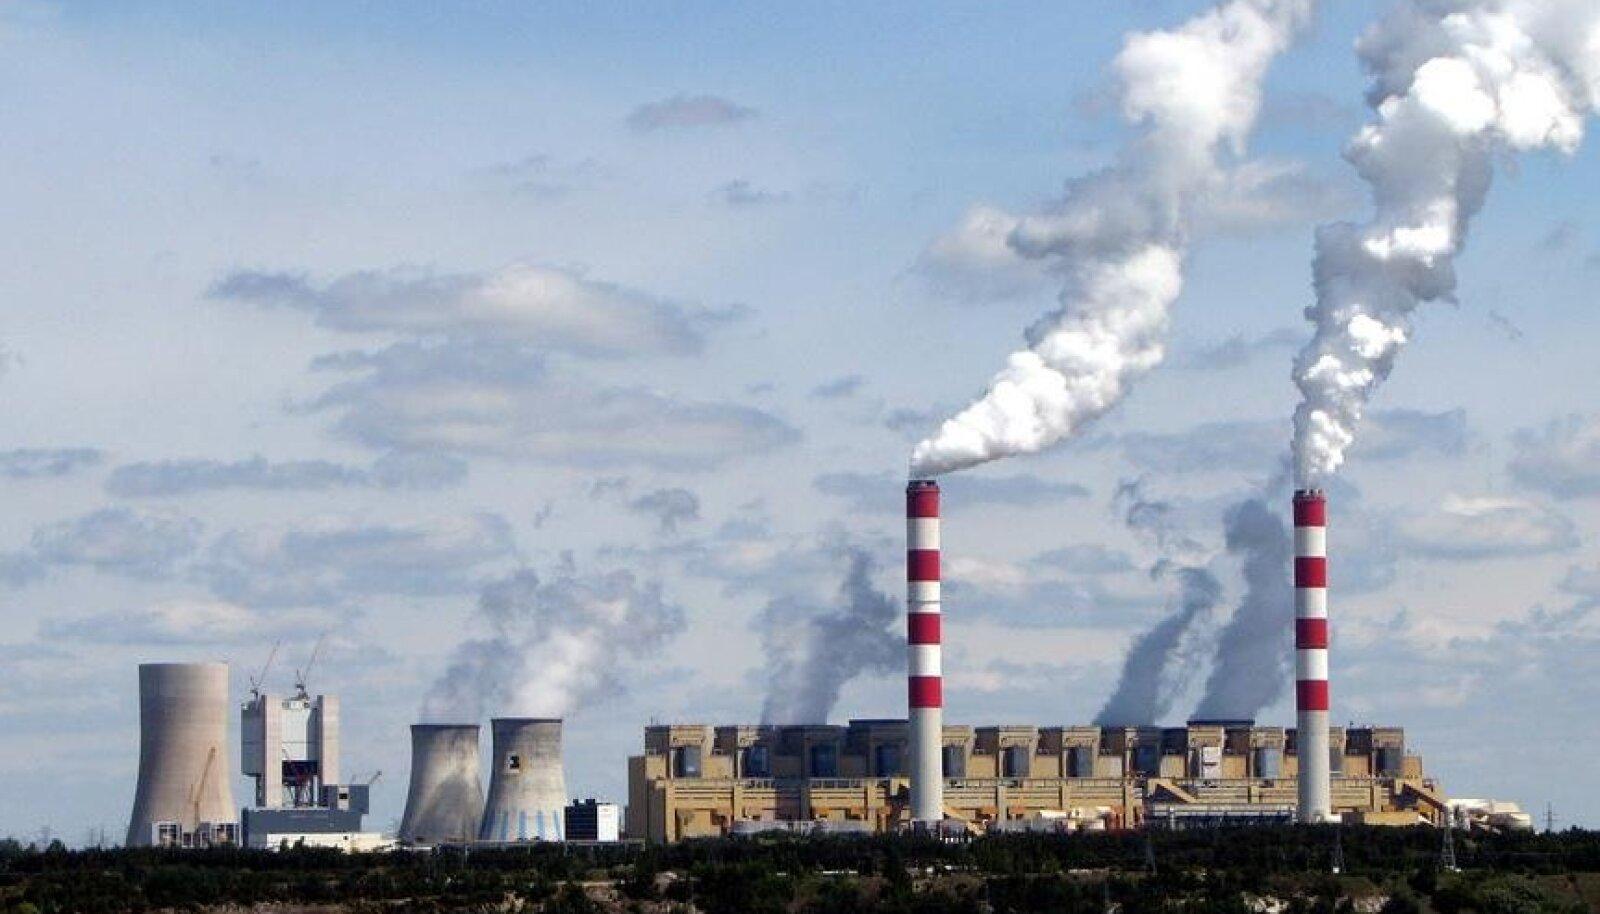 Elektrownia Bełchatów (Foto: Fotopolska.eu, YarluFileBot / CC BY-SA 4.0 / Wikimedia Commons)